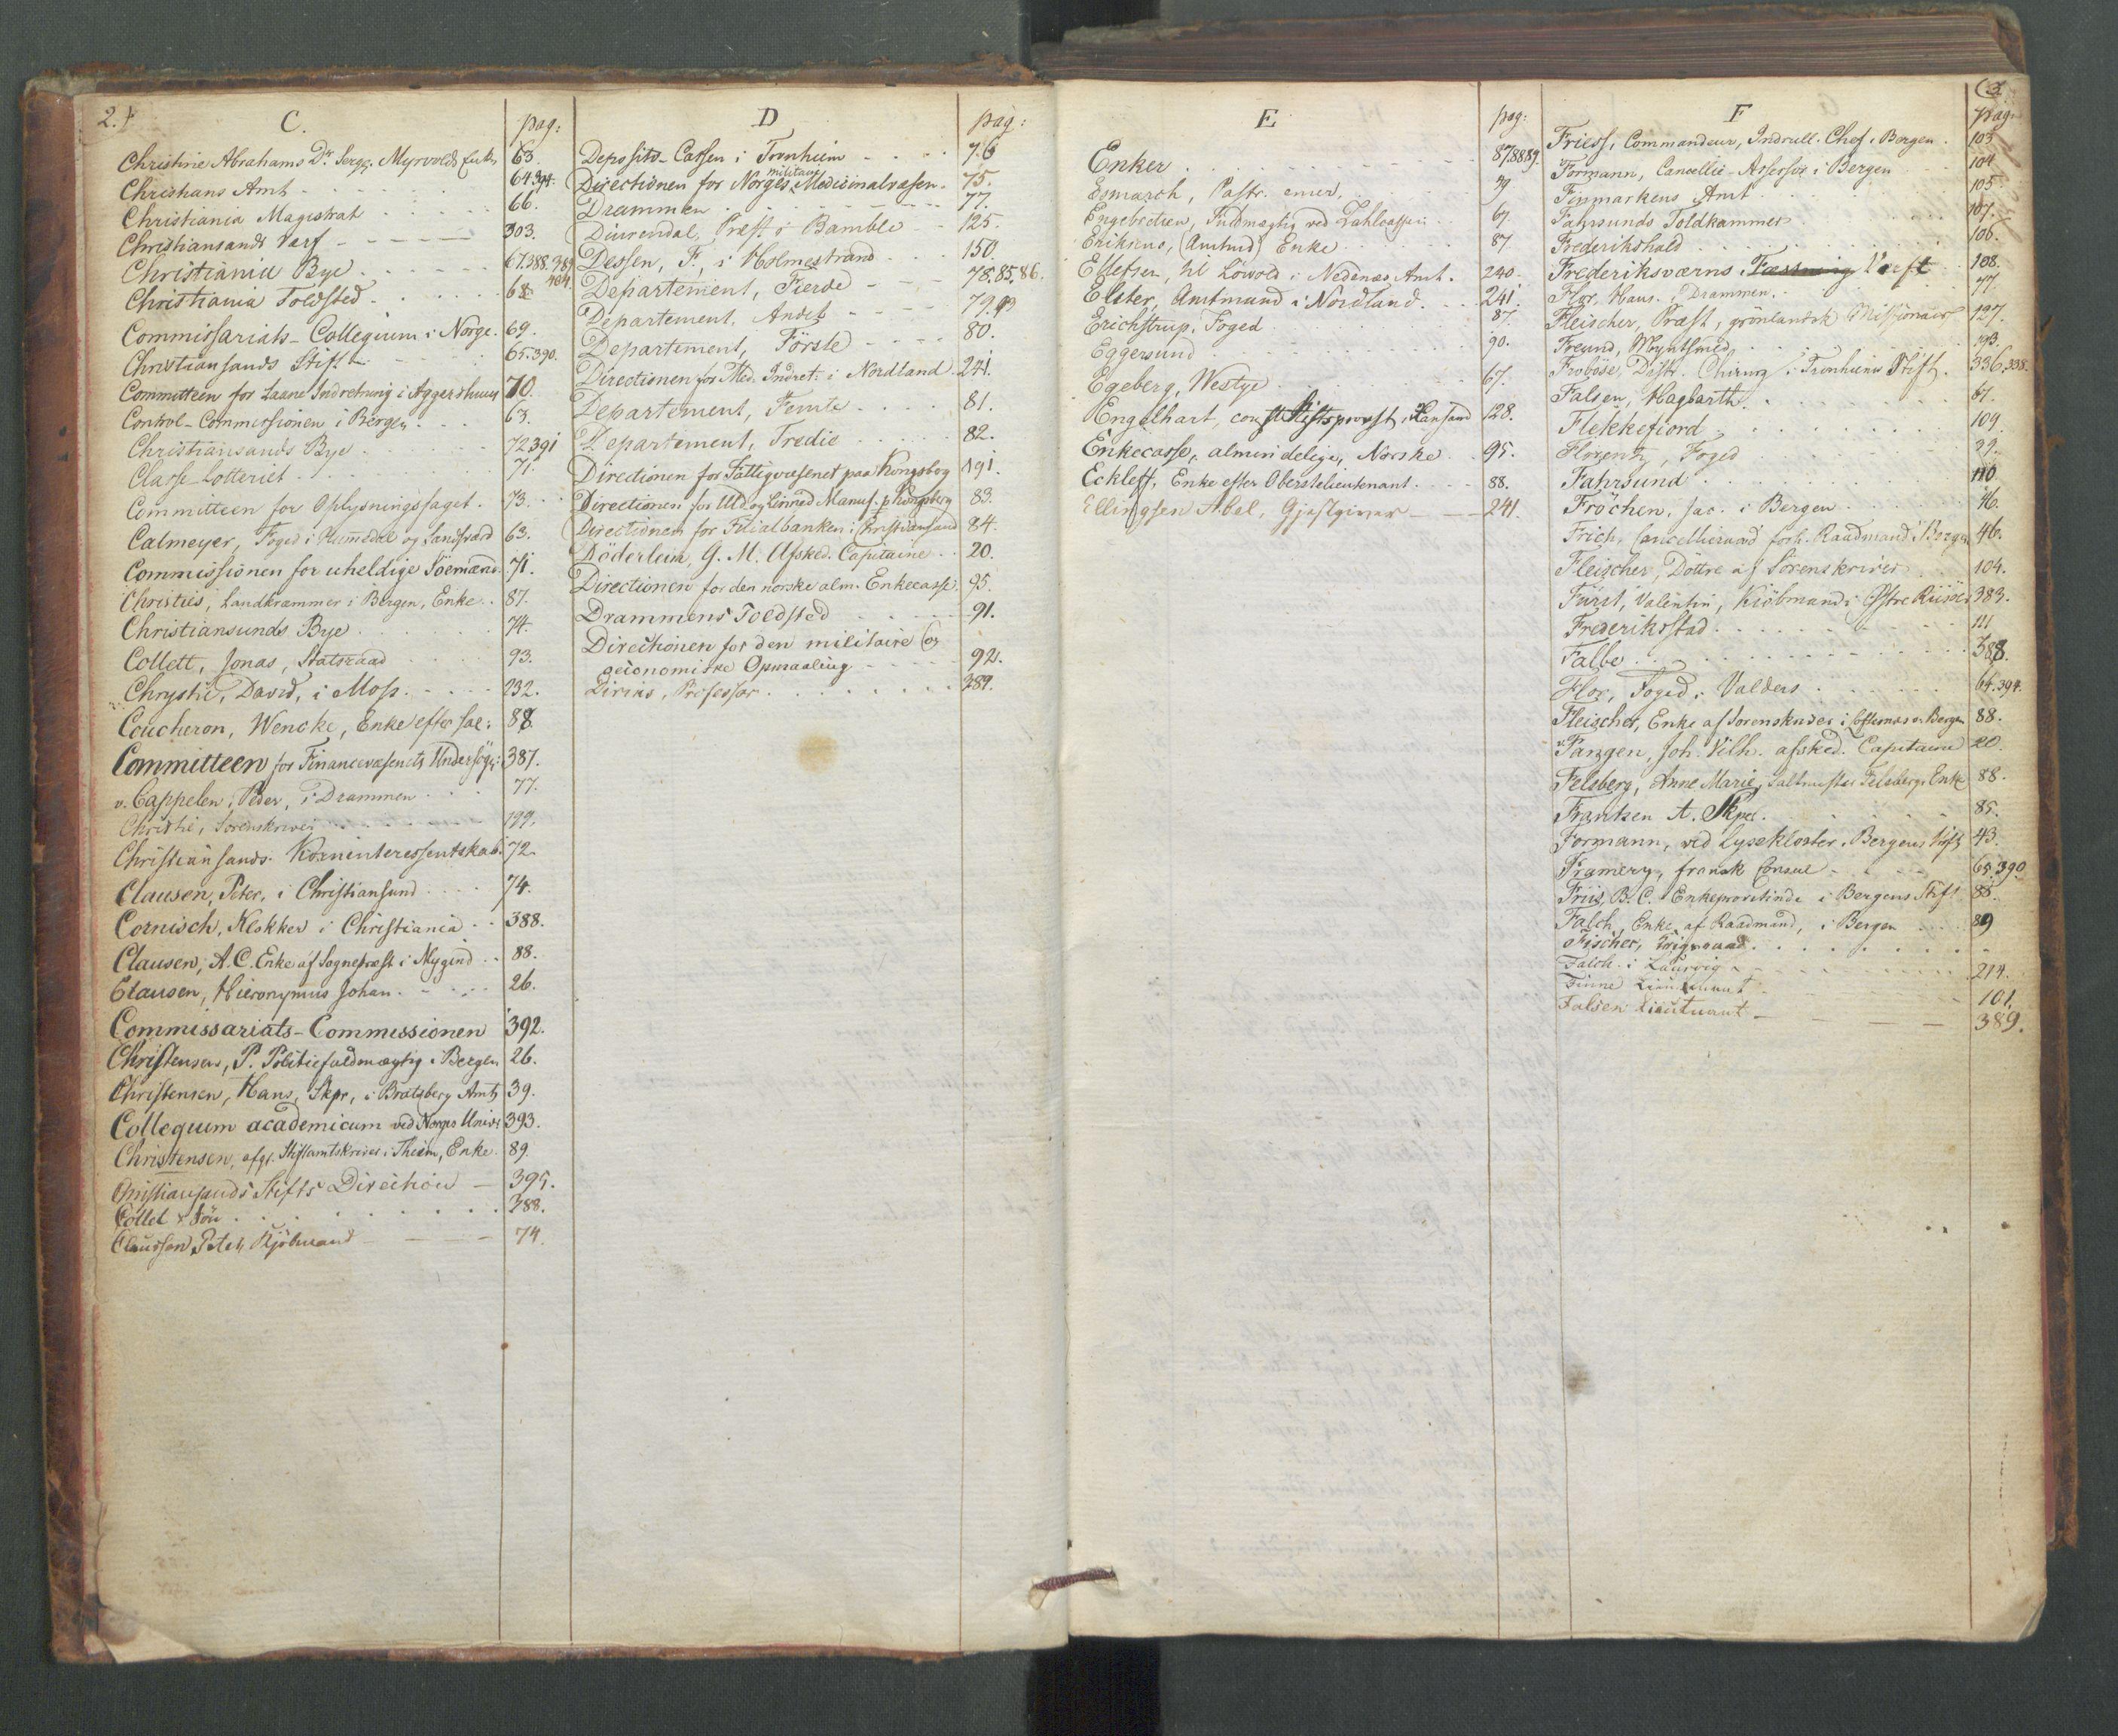 RA, Departementene i 1814, Fa/L0009: 1. byrå - Fellesregister til journalene A og B, 1814, s. 2-3